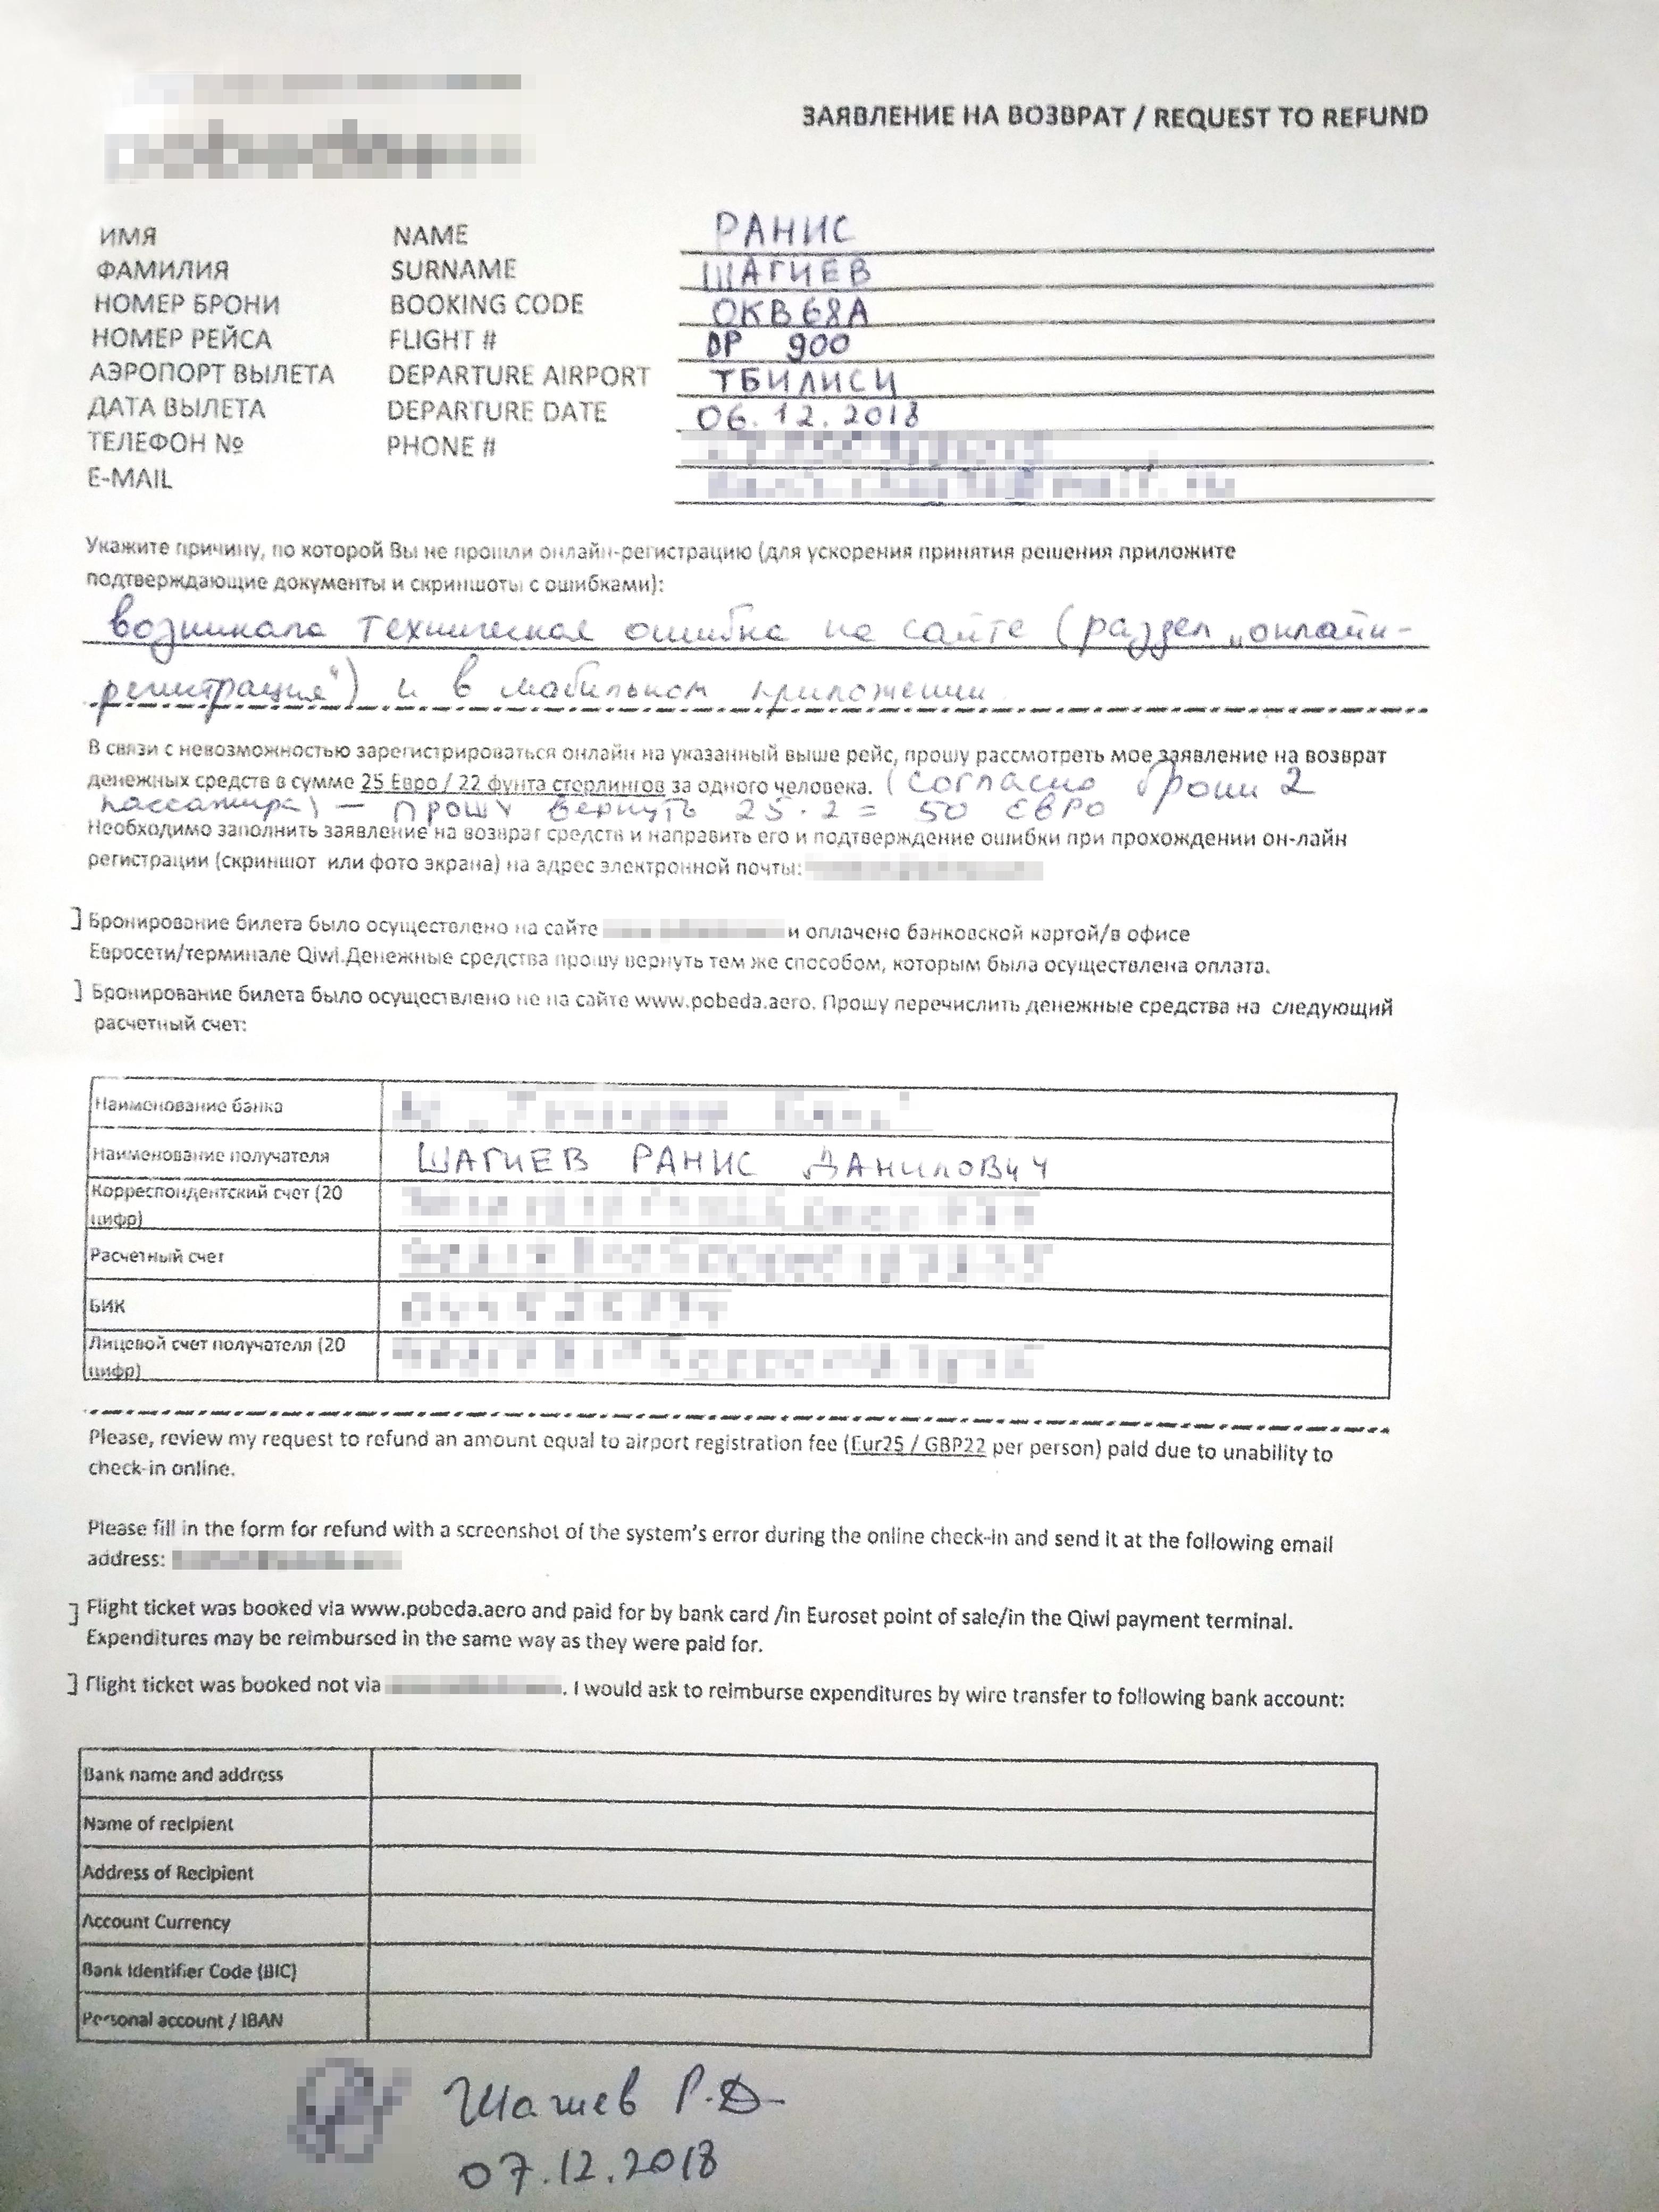 Мое заявление на возврат денег за платную регистрацию. Бланк заявления мне дали в аэропорту Тбилиси